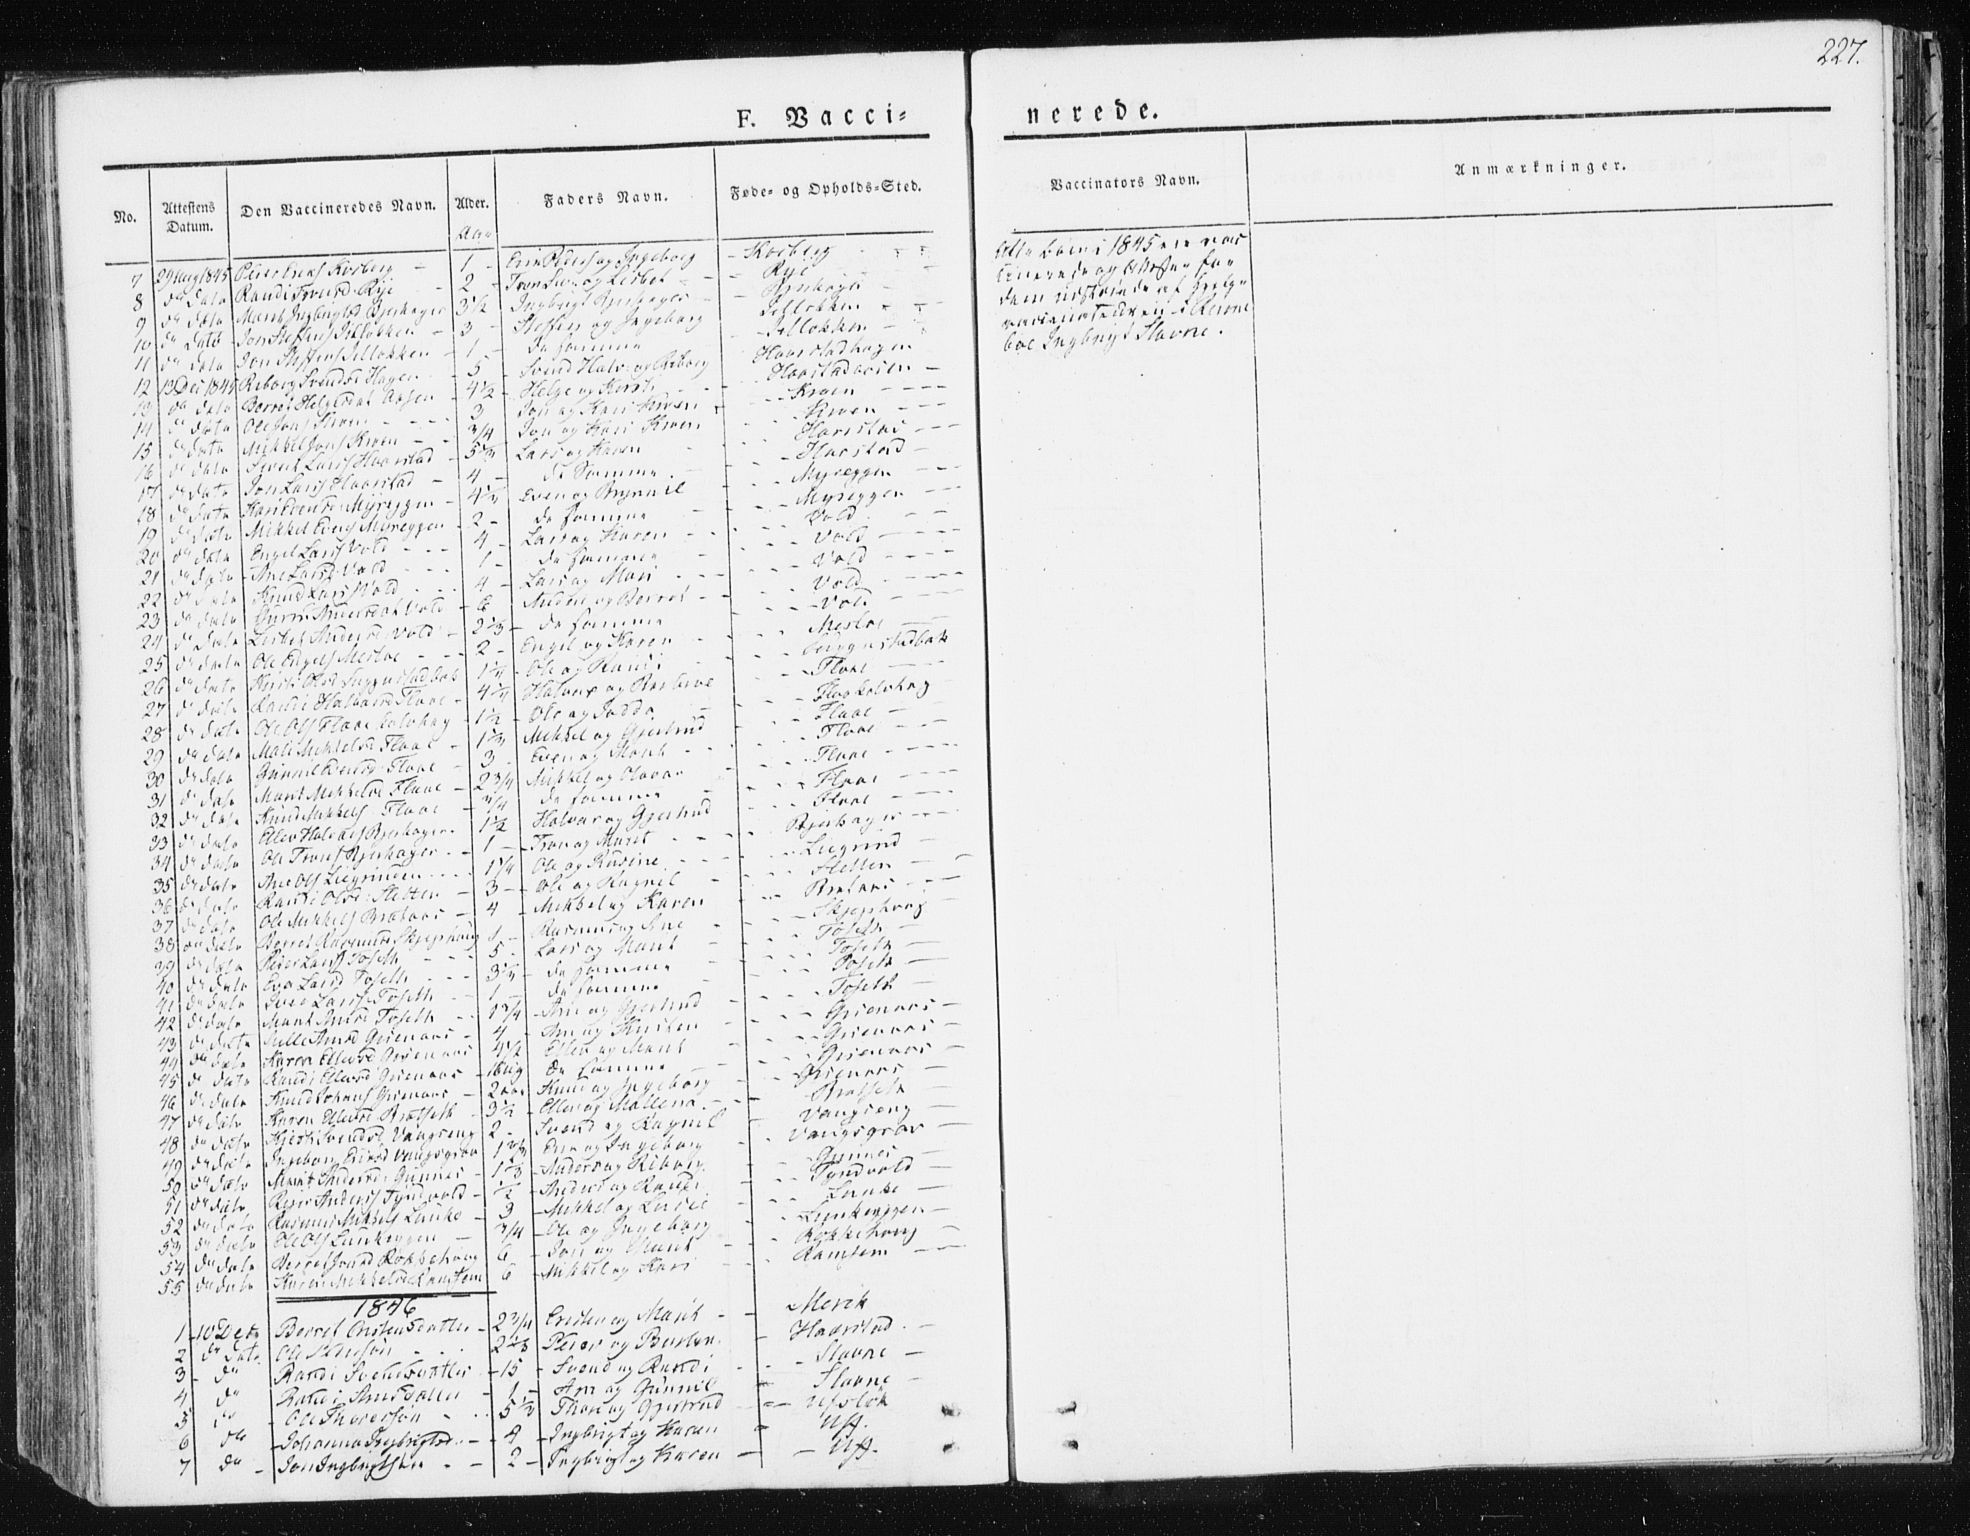 SAT, Ministerialprotokoller, klokkerbøker og fødselsregistre - Sør-Trøndelag, 674/L0869: Ministerialbok nr. 674A01, 1829-1860, s. 227